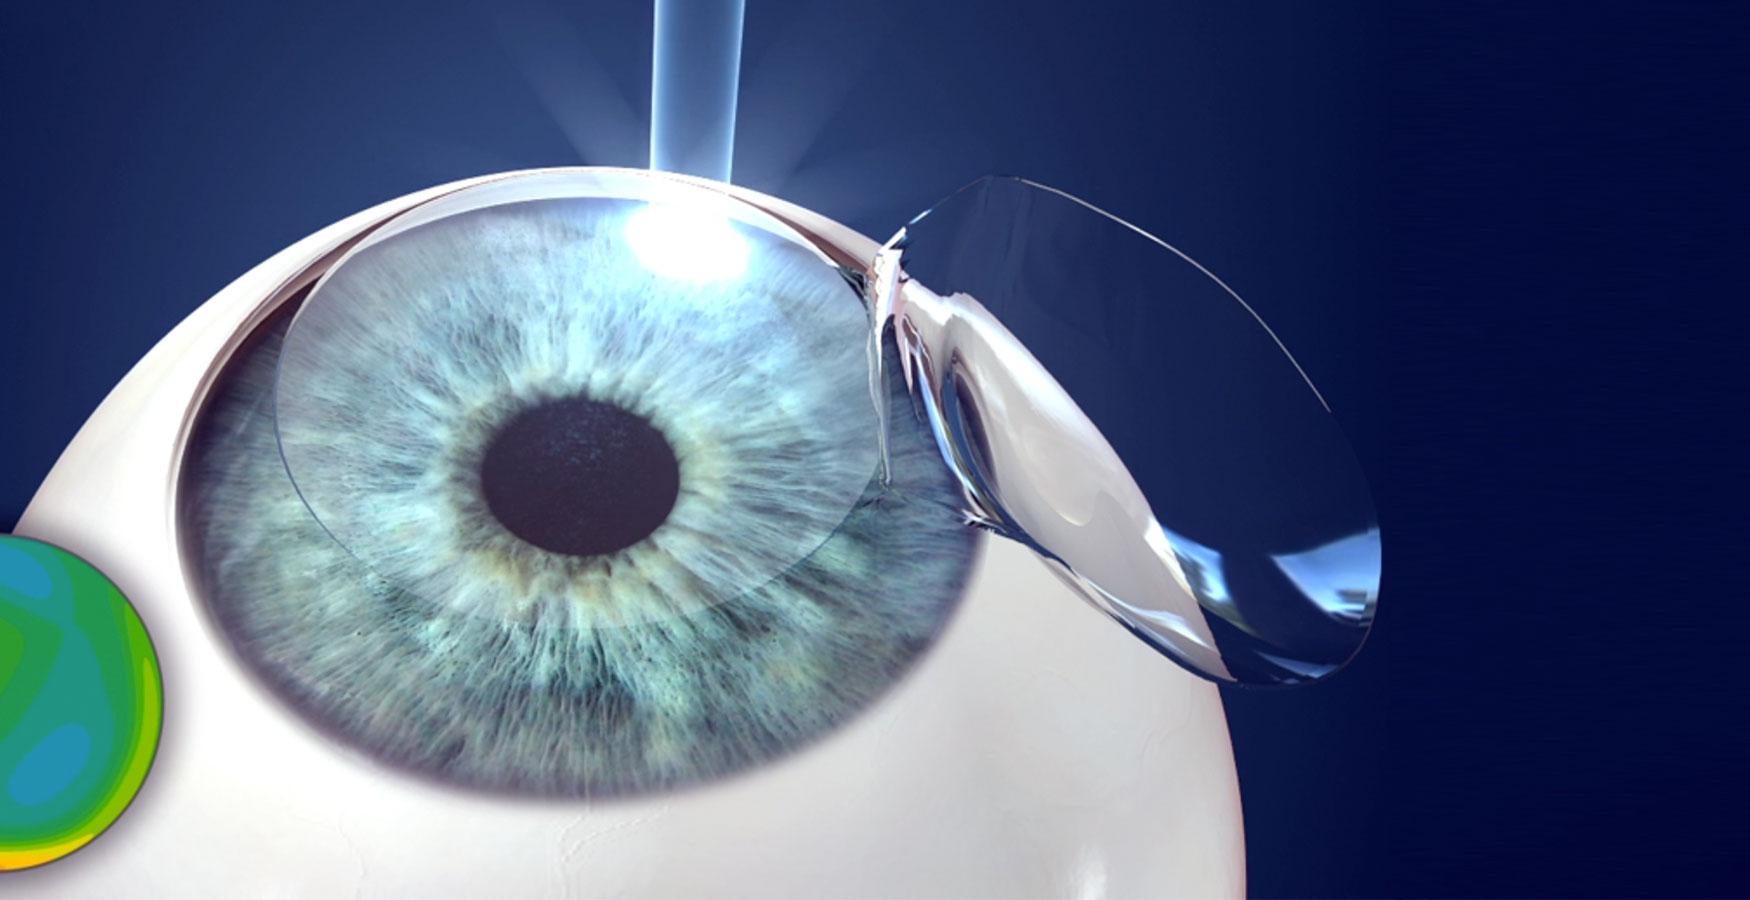 87d0bf3d6 cirurgia refrativa a laser | Cirurgia Refrativa em Curitiba